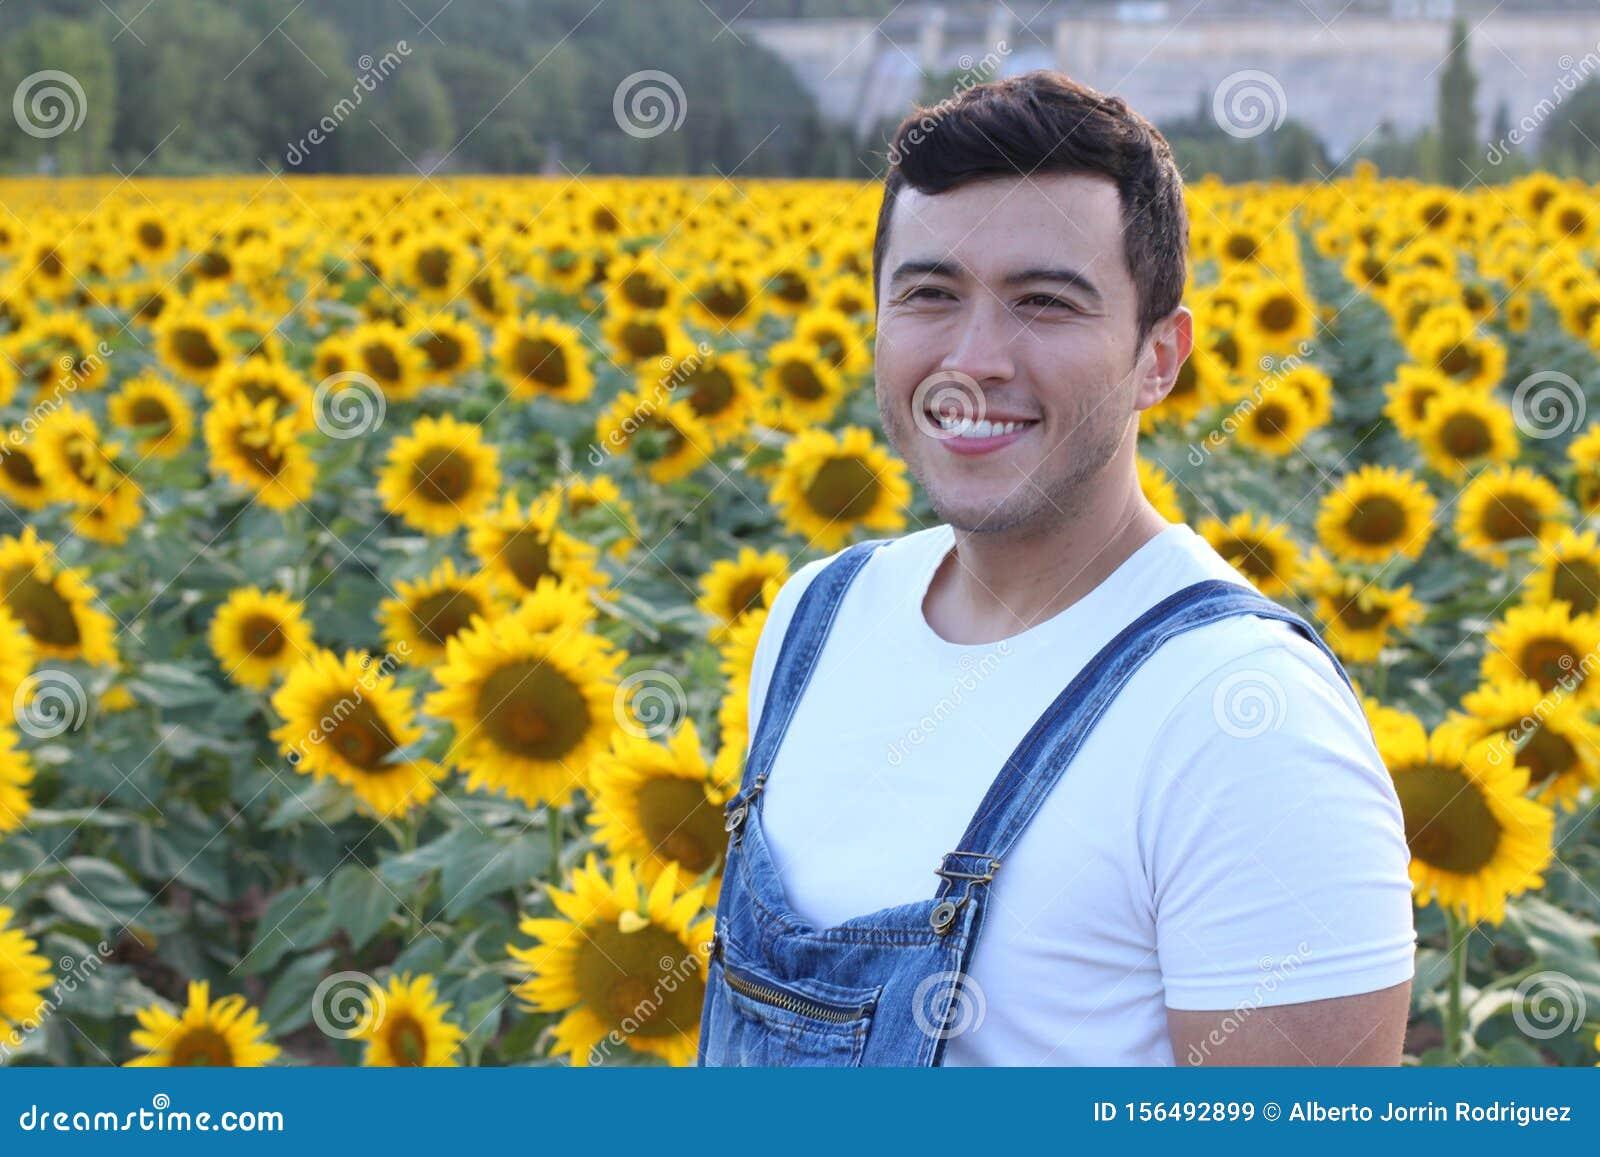 Cute ethnic farmer in sunflower field